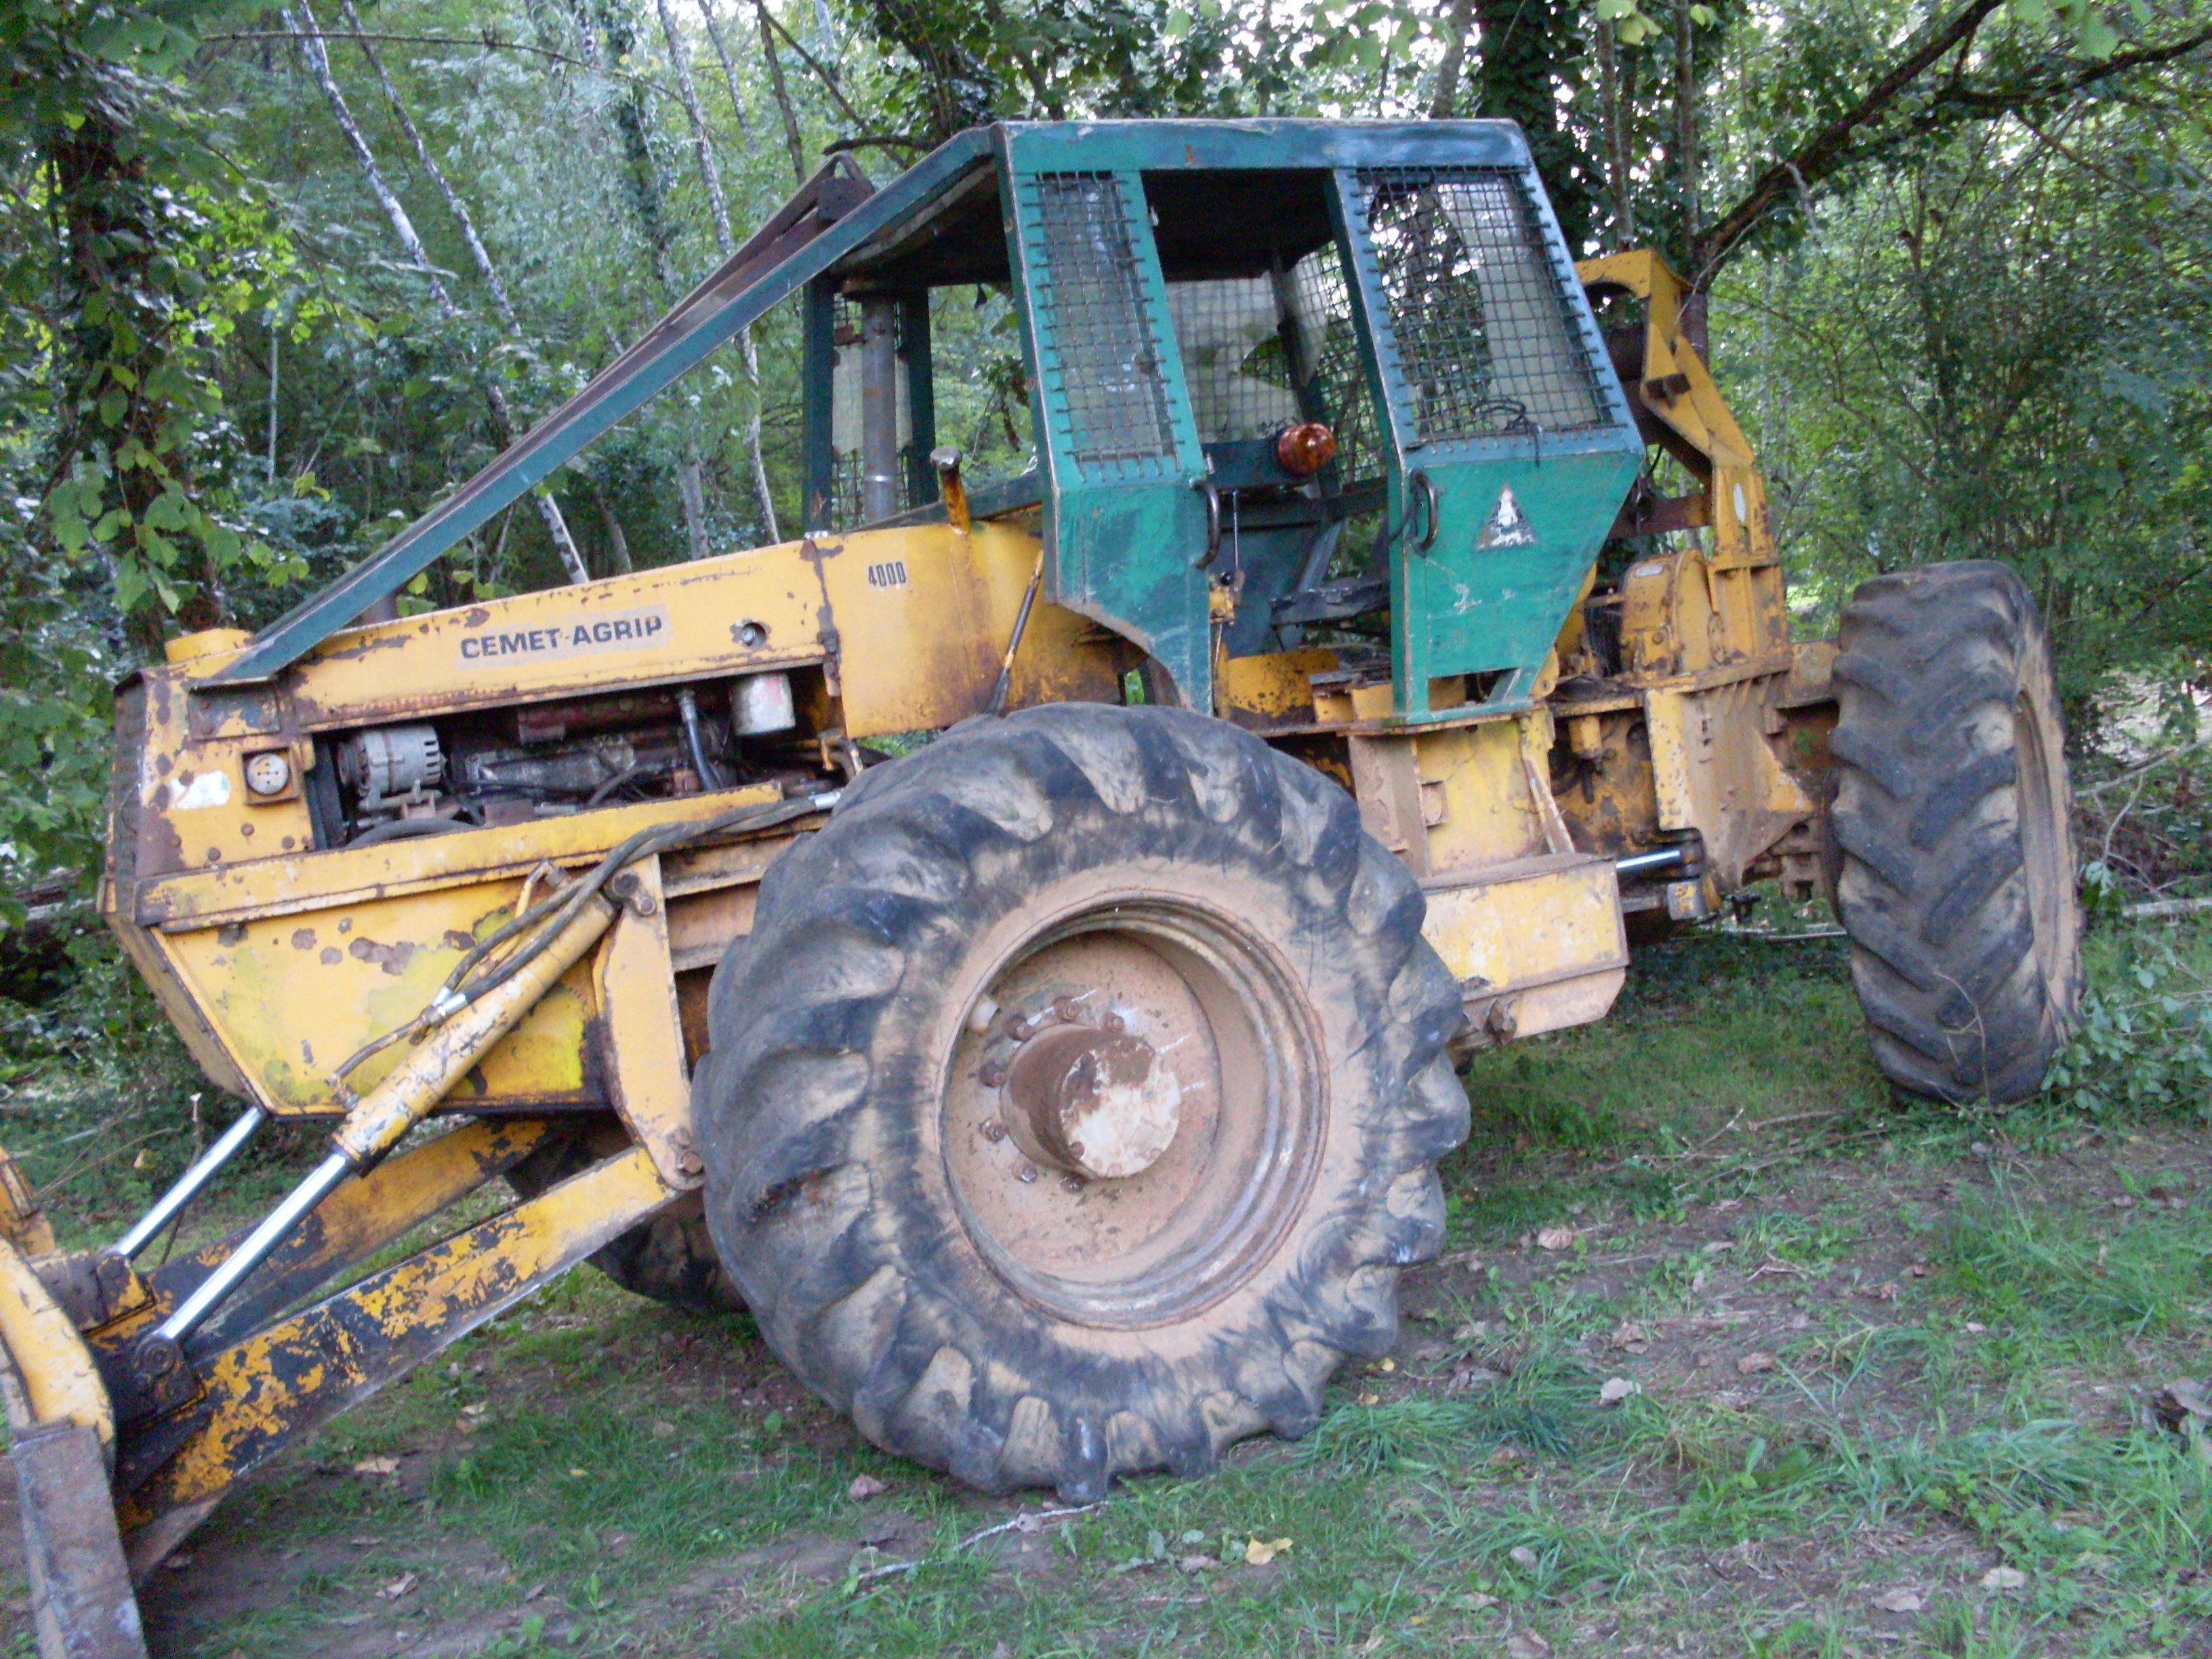 tracteur forestier cemet